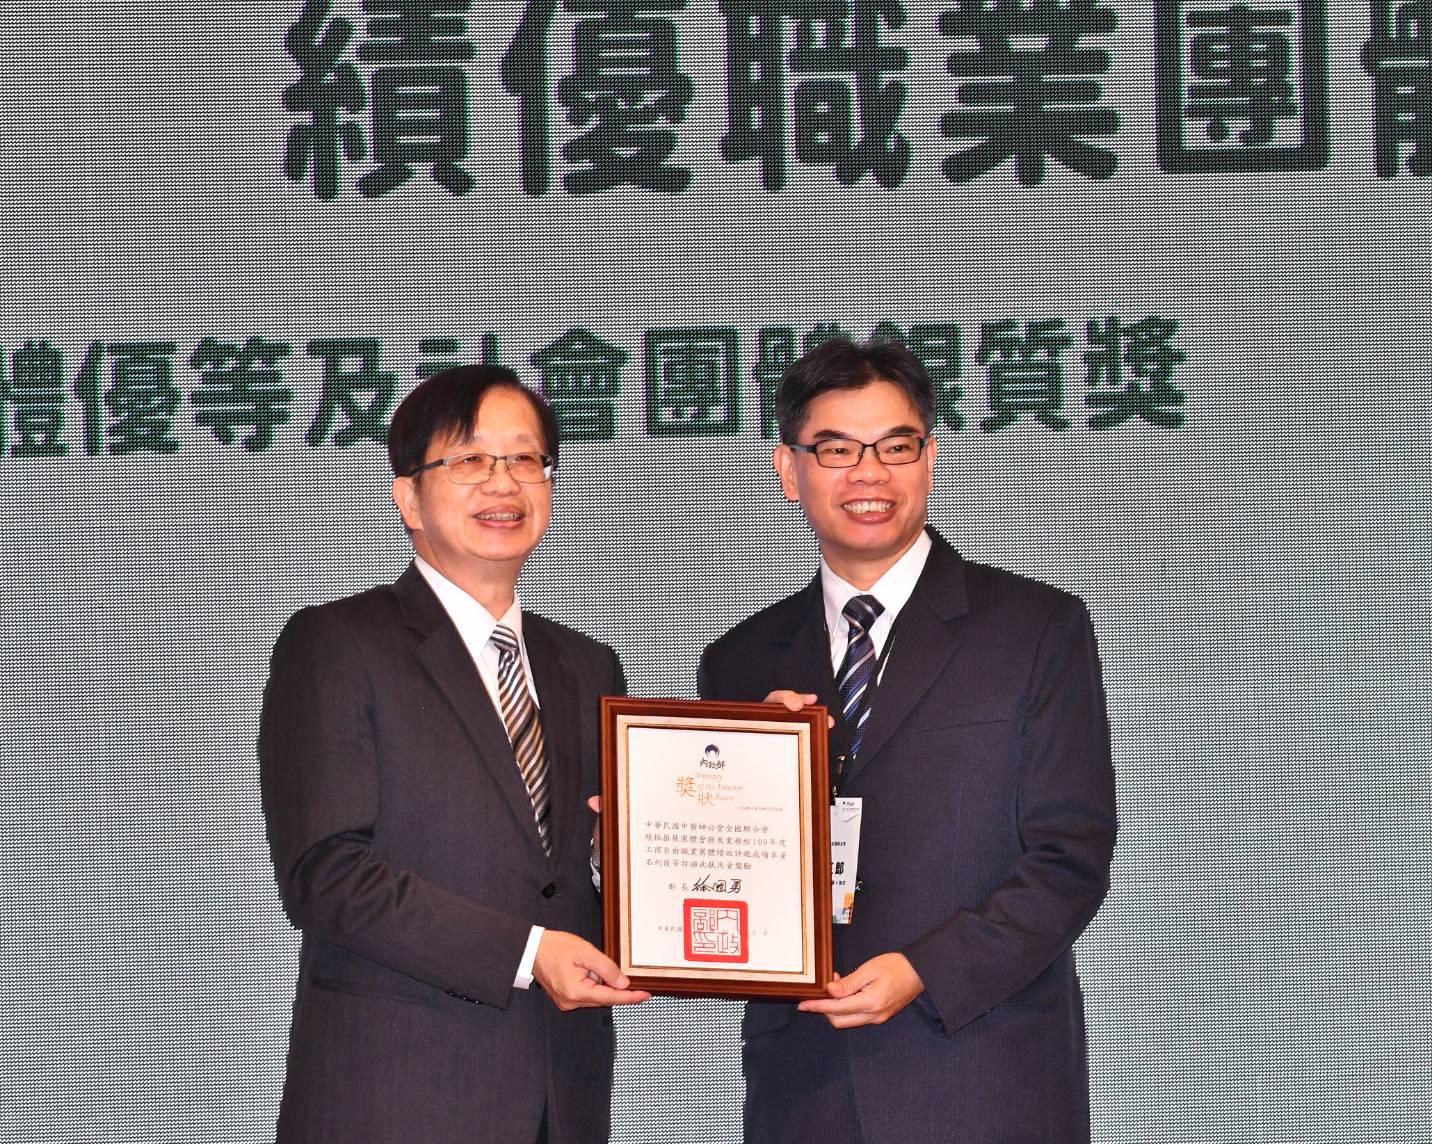 內政部常務次長邱昌嶽(左)頒獎表揚績優人民團體